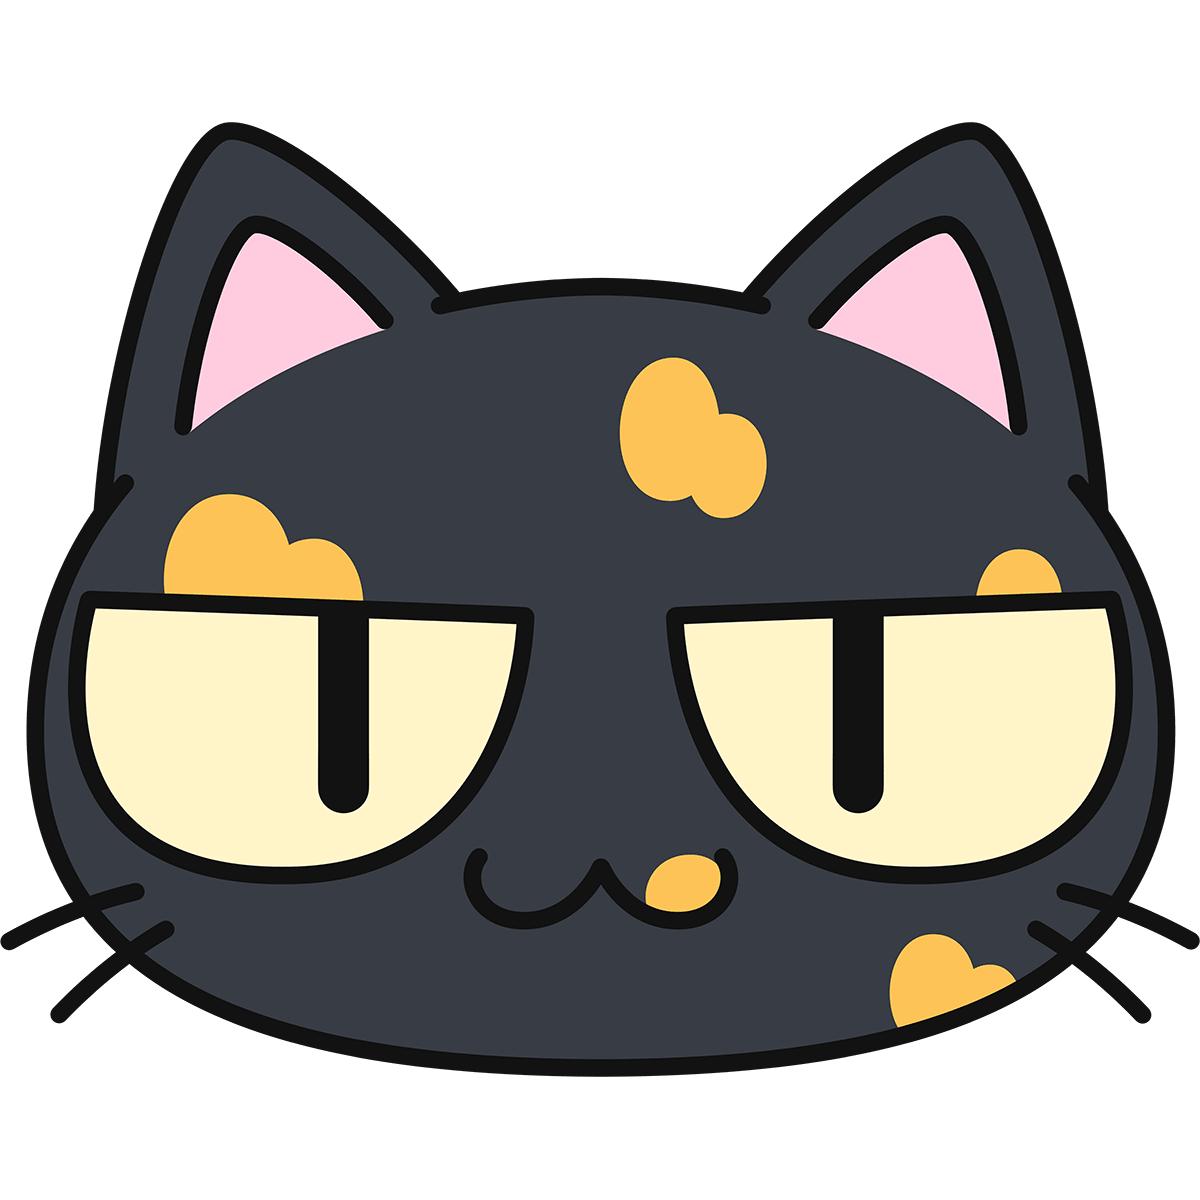 サビ猫の顔(猫目)の無料イラスト